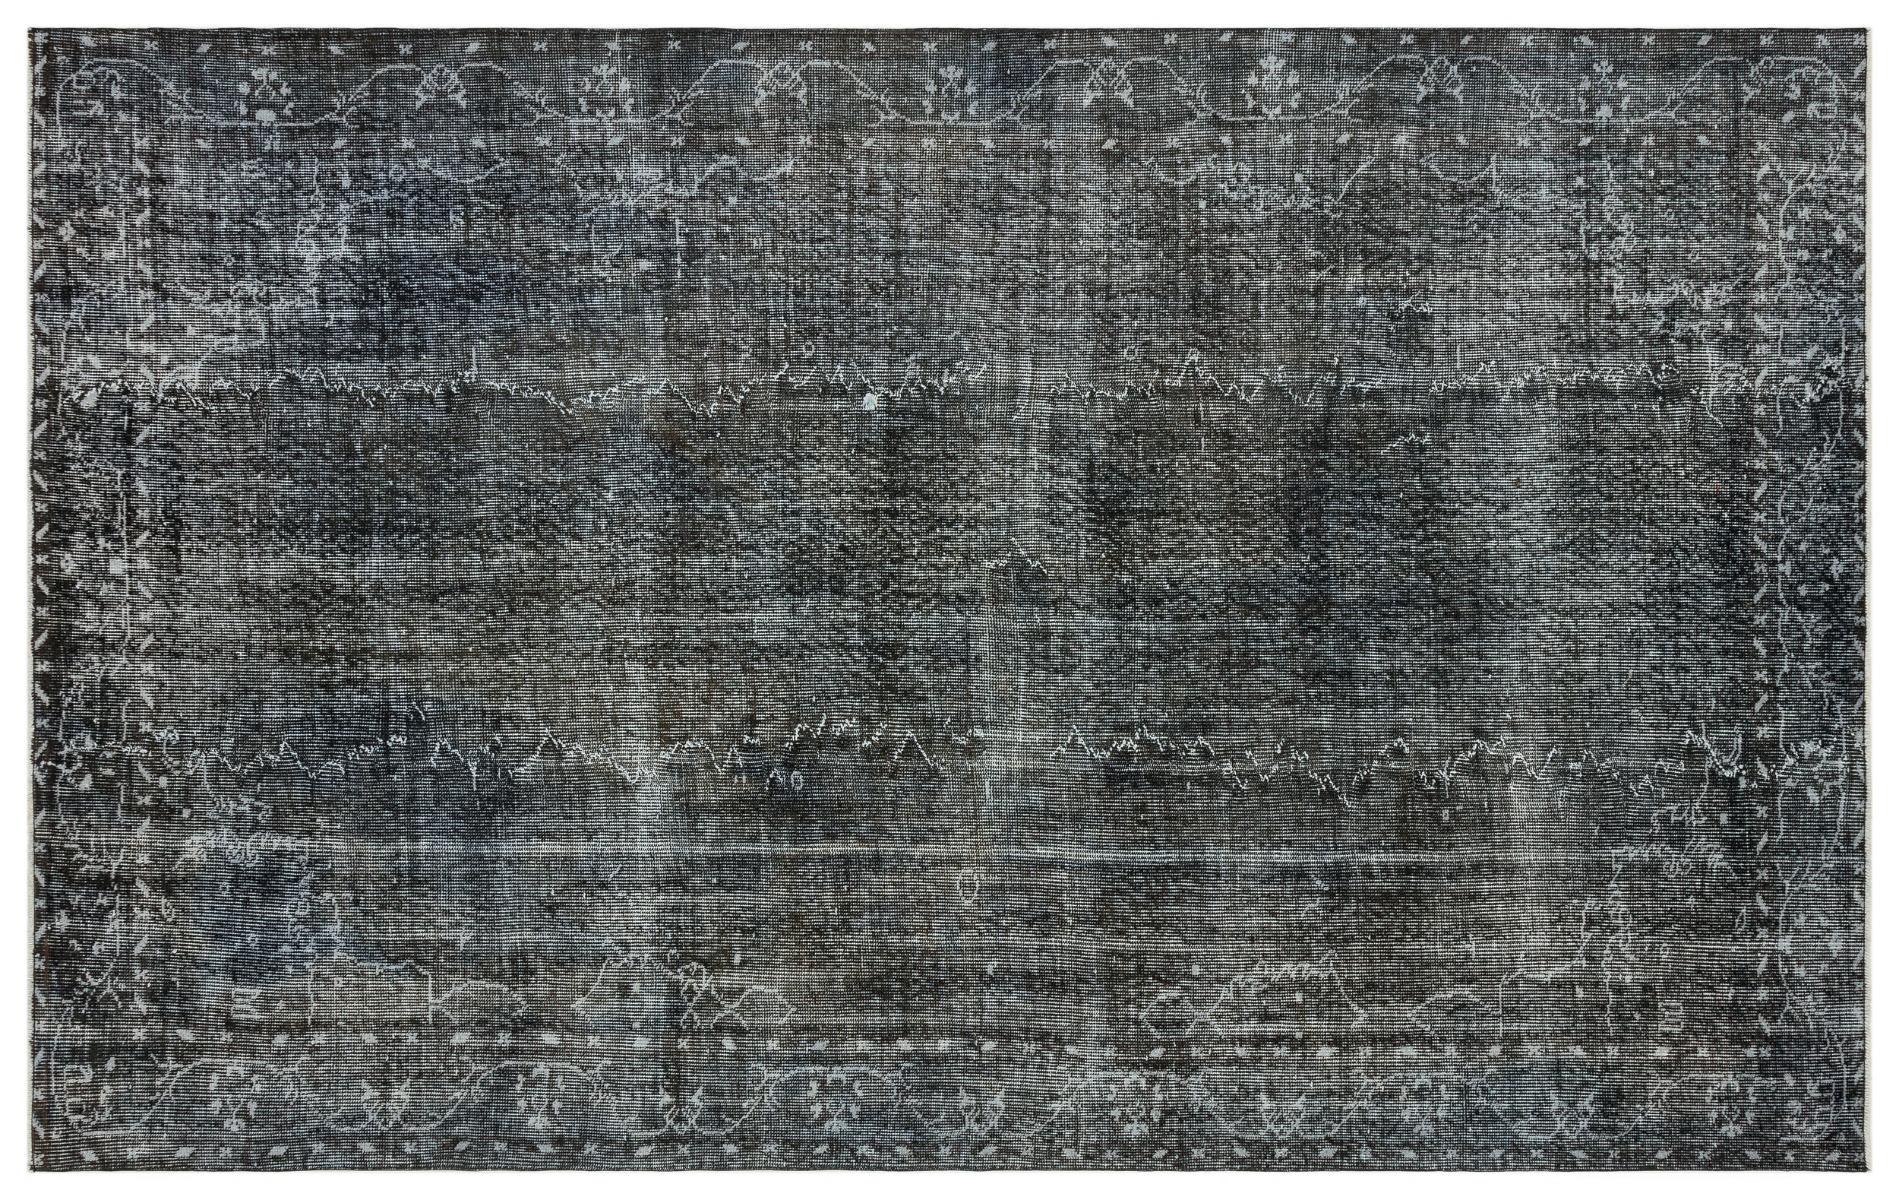 Vintage vloerkleed zwart nr:35156 293cm x 186cm